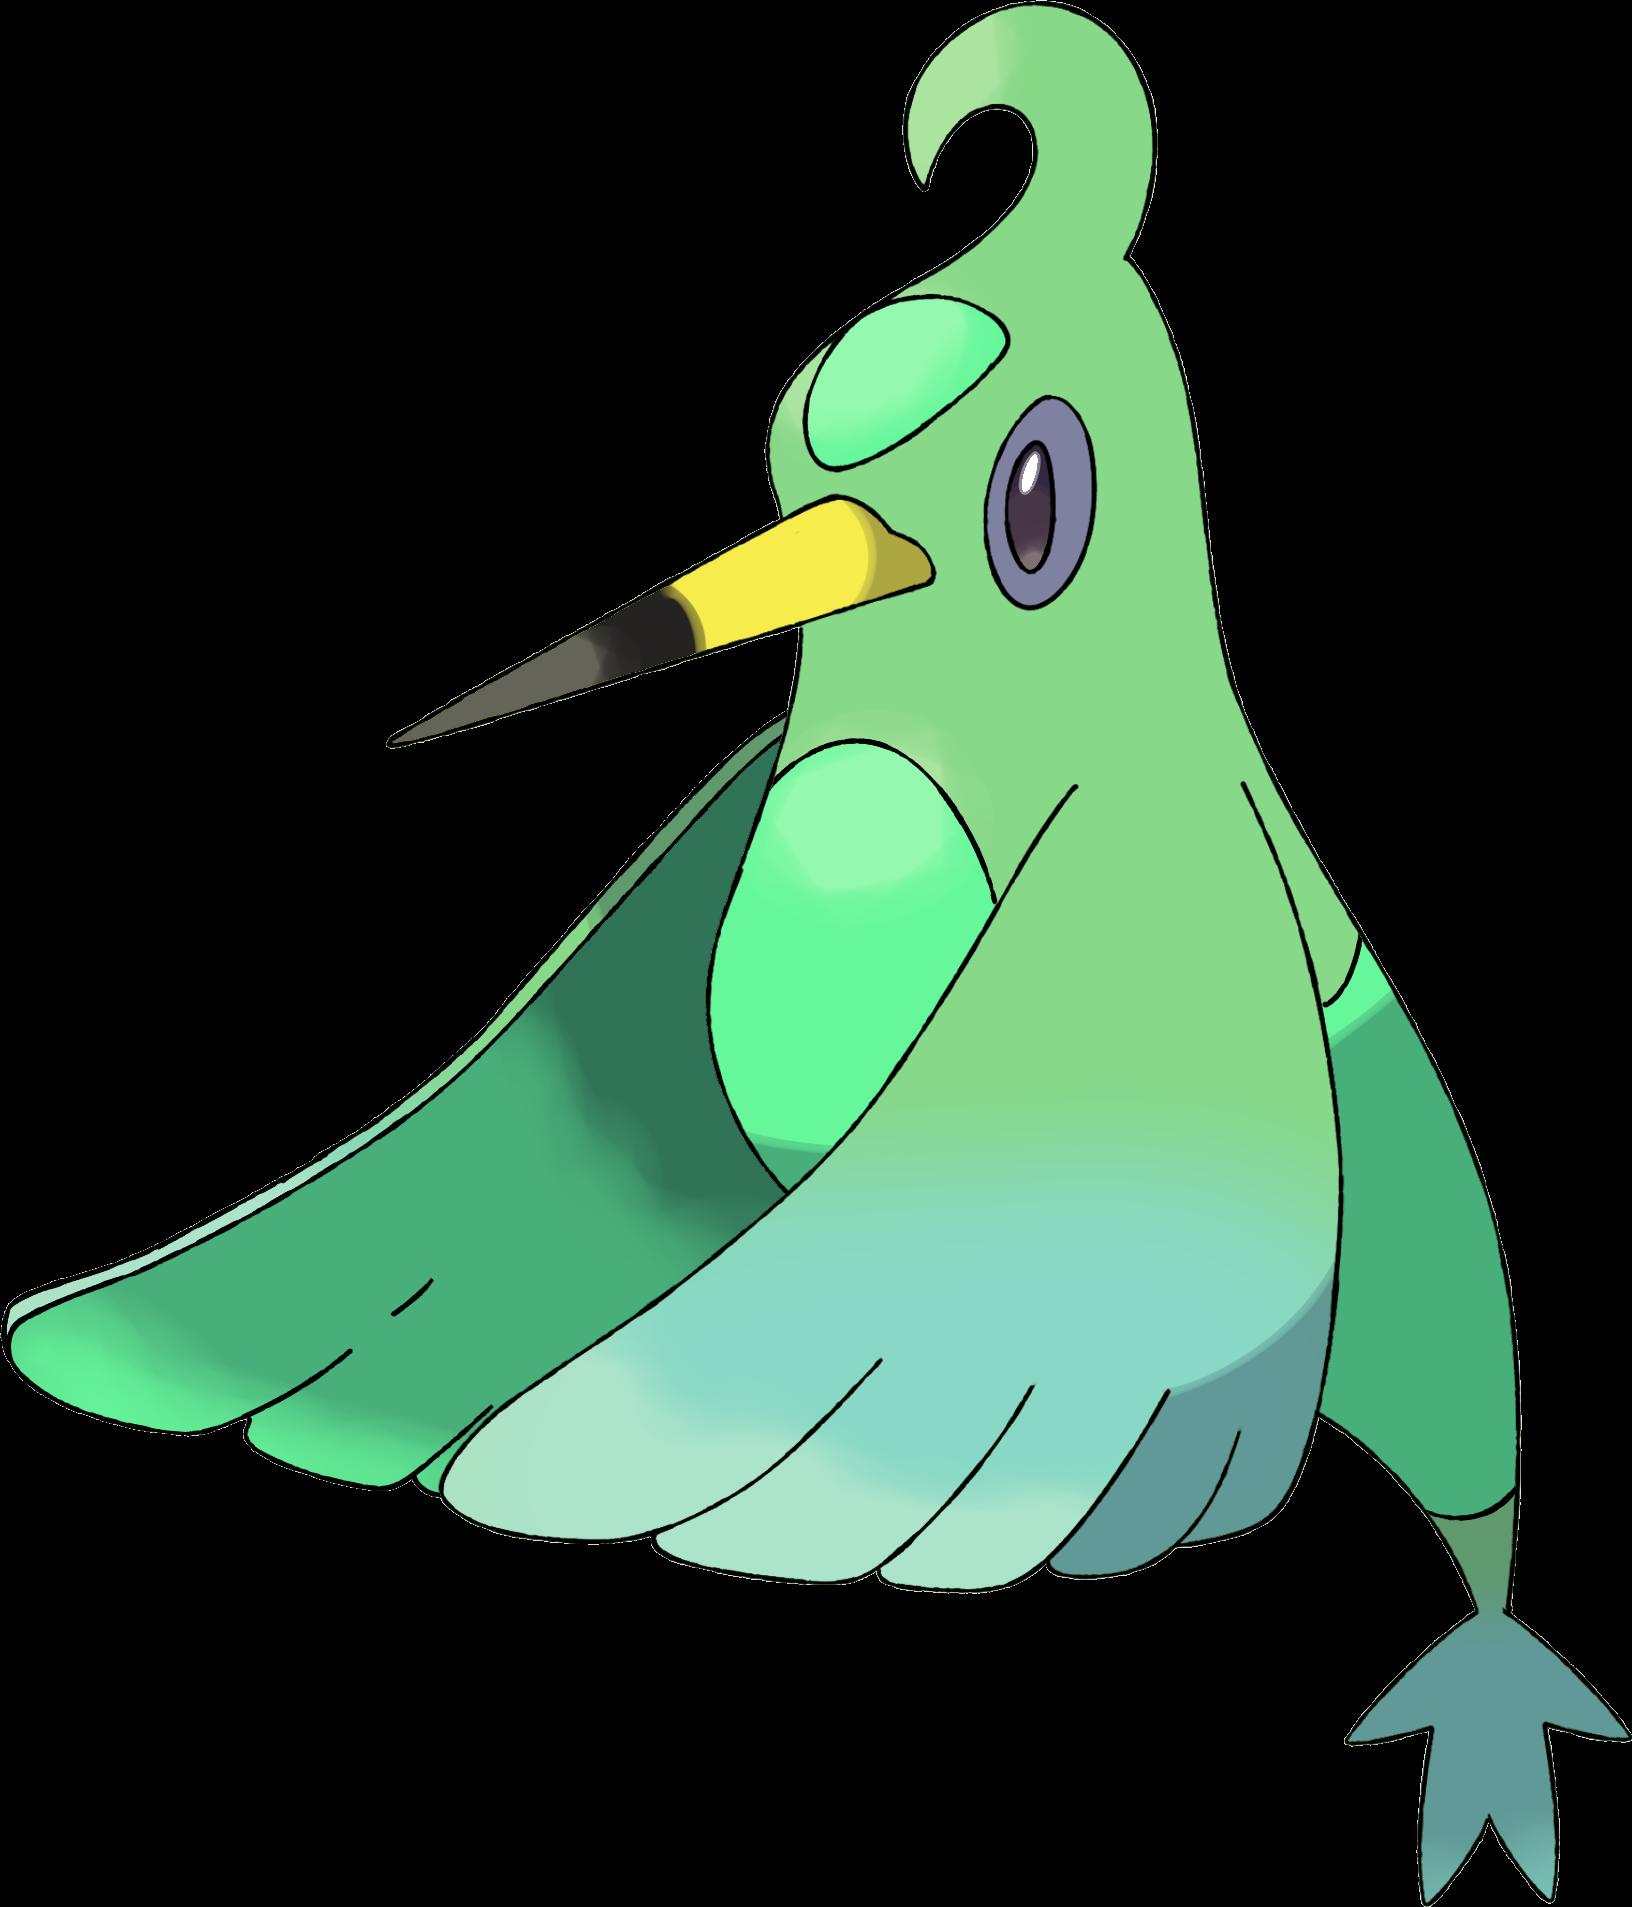 Tweetums clipart graphic royalty free download Tweetum | DarkandWindie Fakemon Wiki | FANDOM powered by Wikia graphic royalty free download